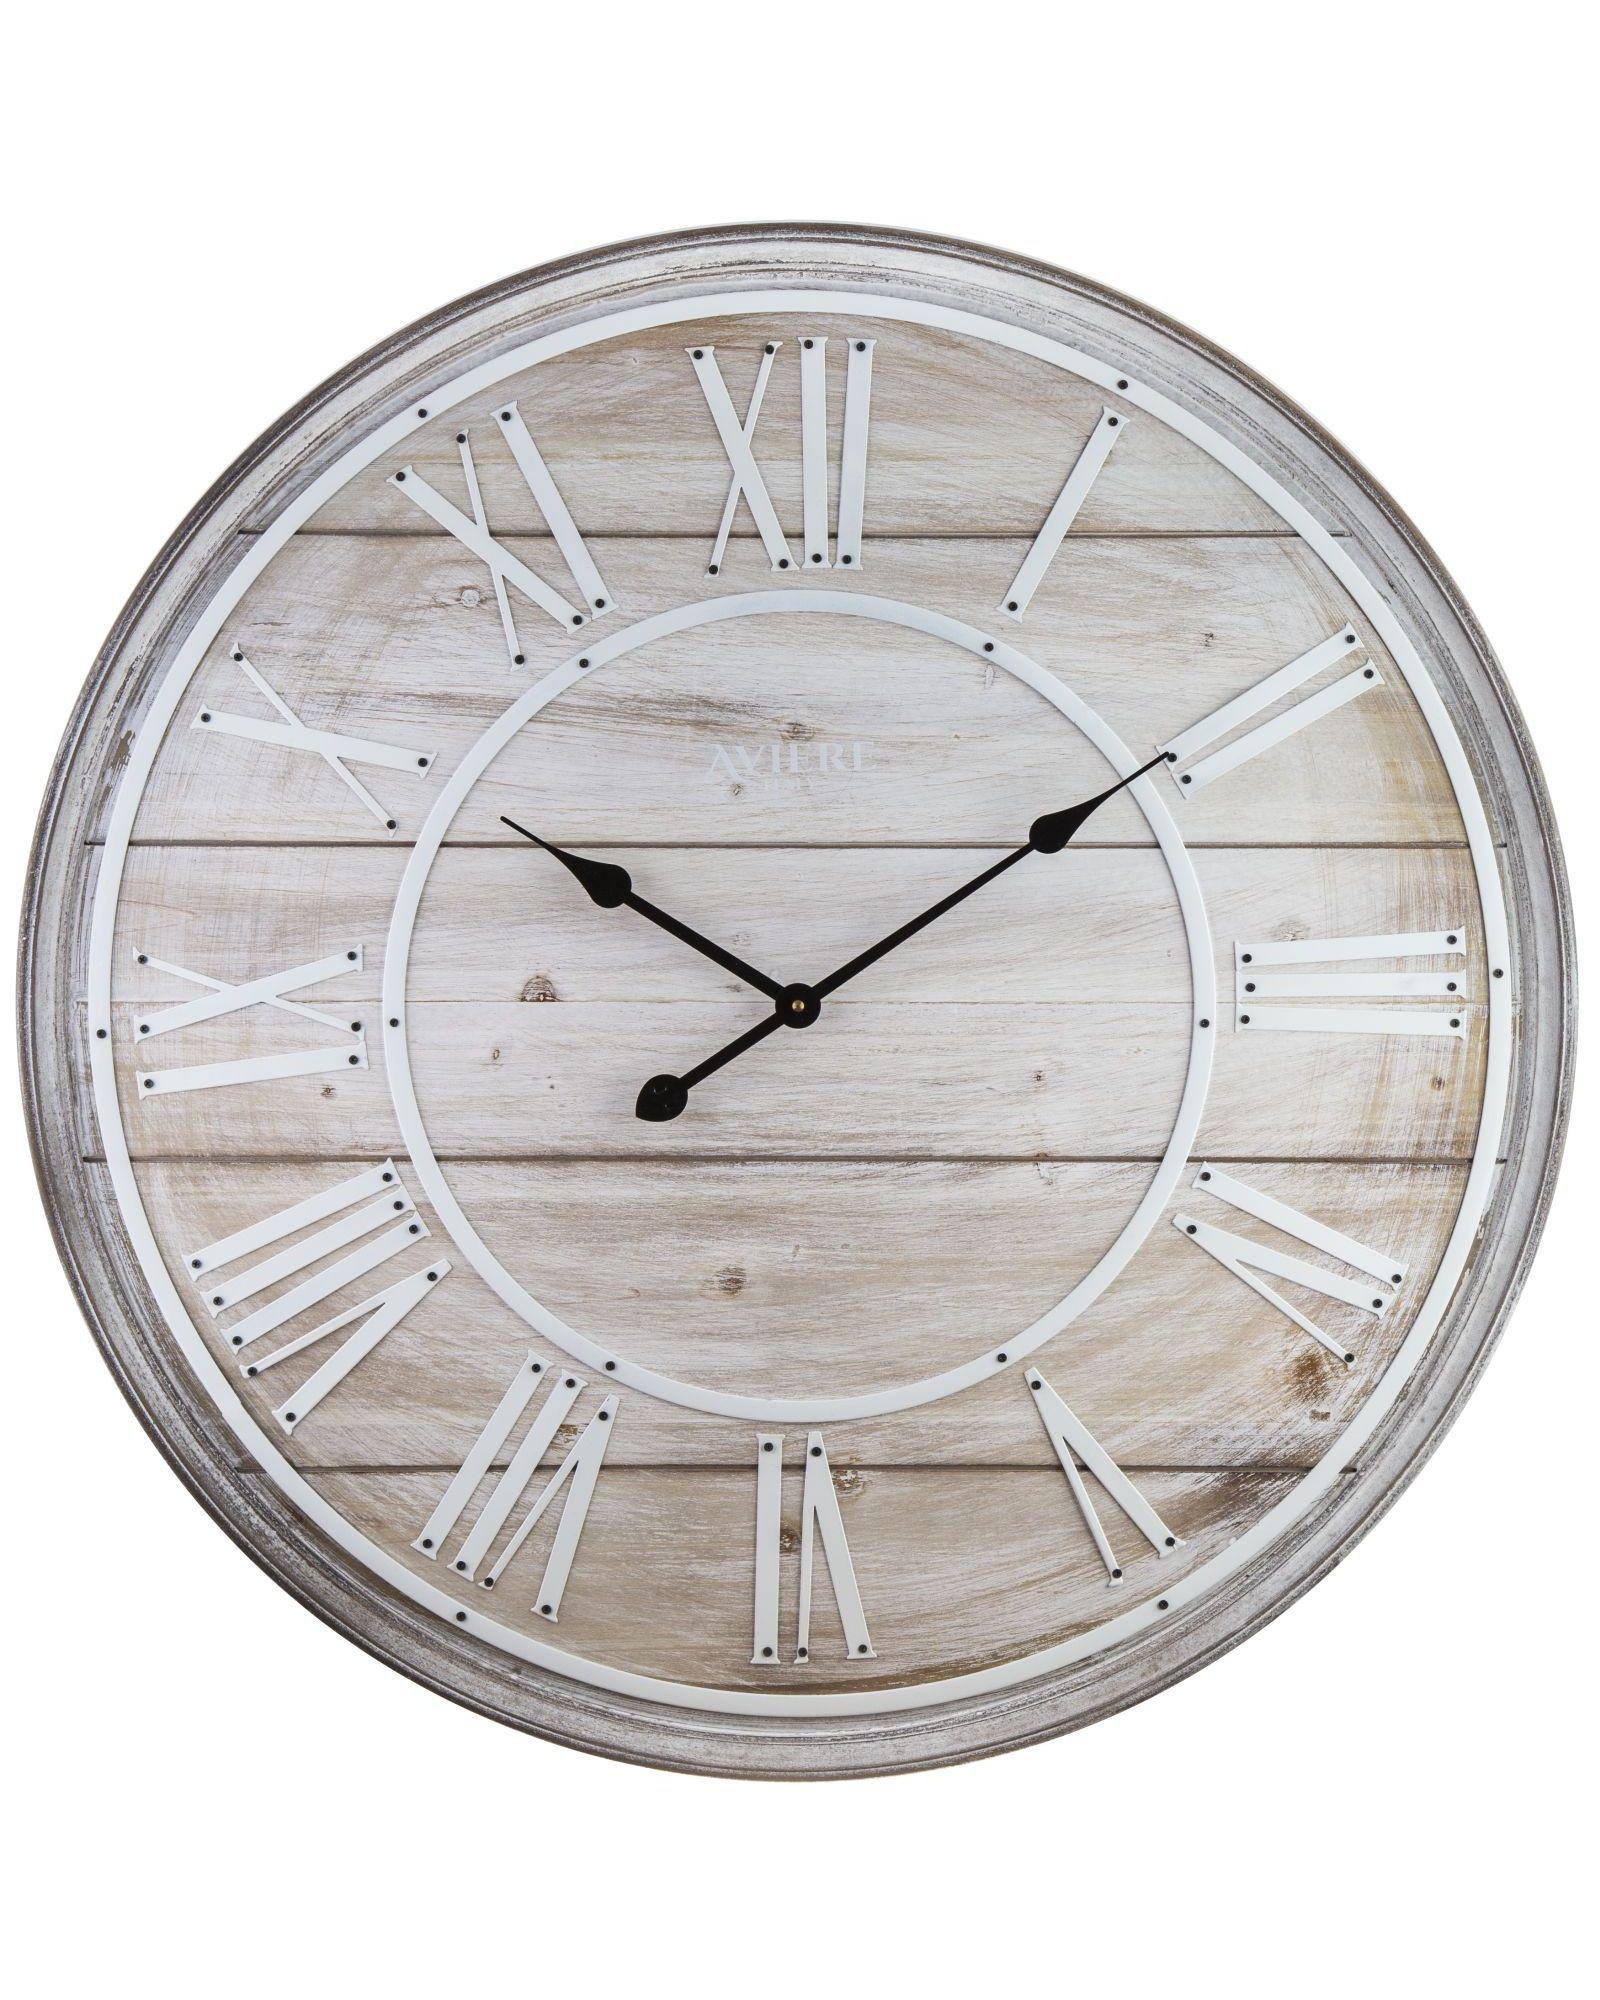 Часы настенные Часы настенные Aviere 25616 chasy-nastennye-aviere-25616-italiya.jpg